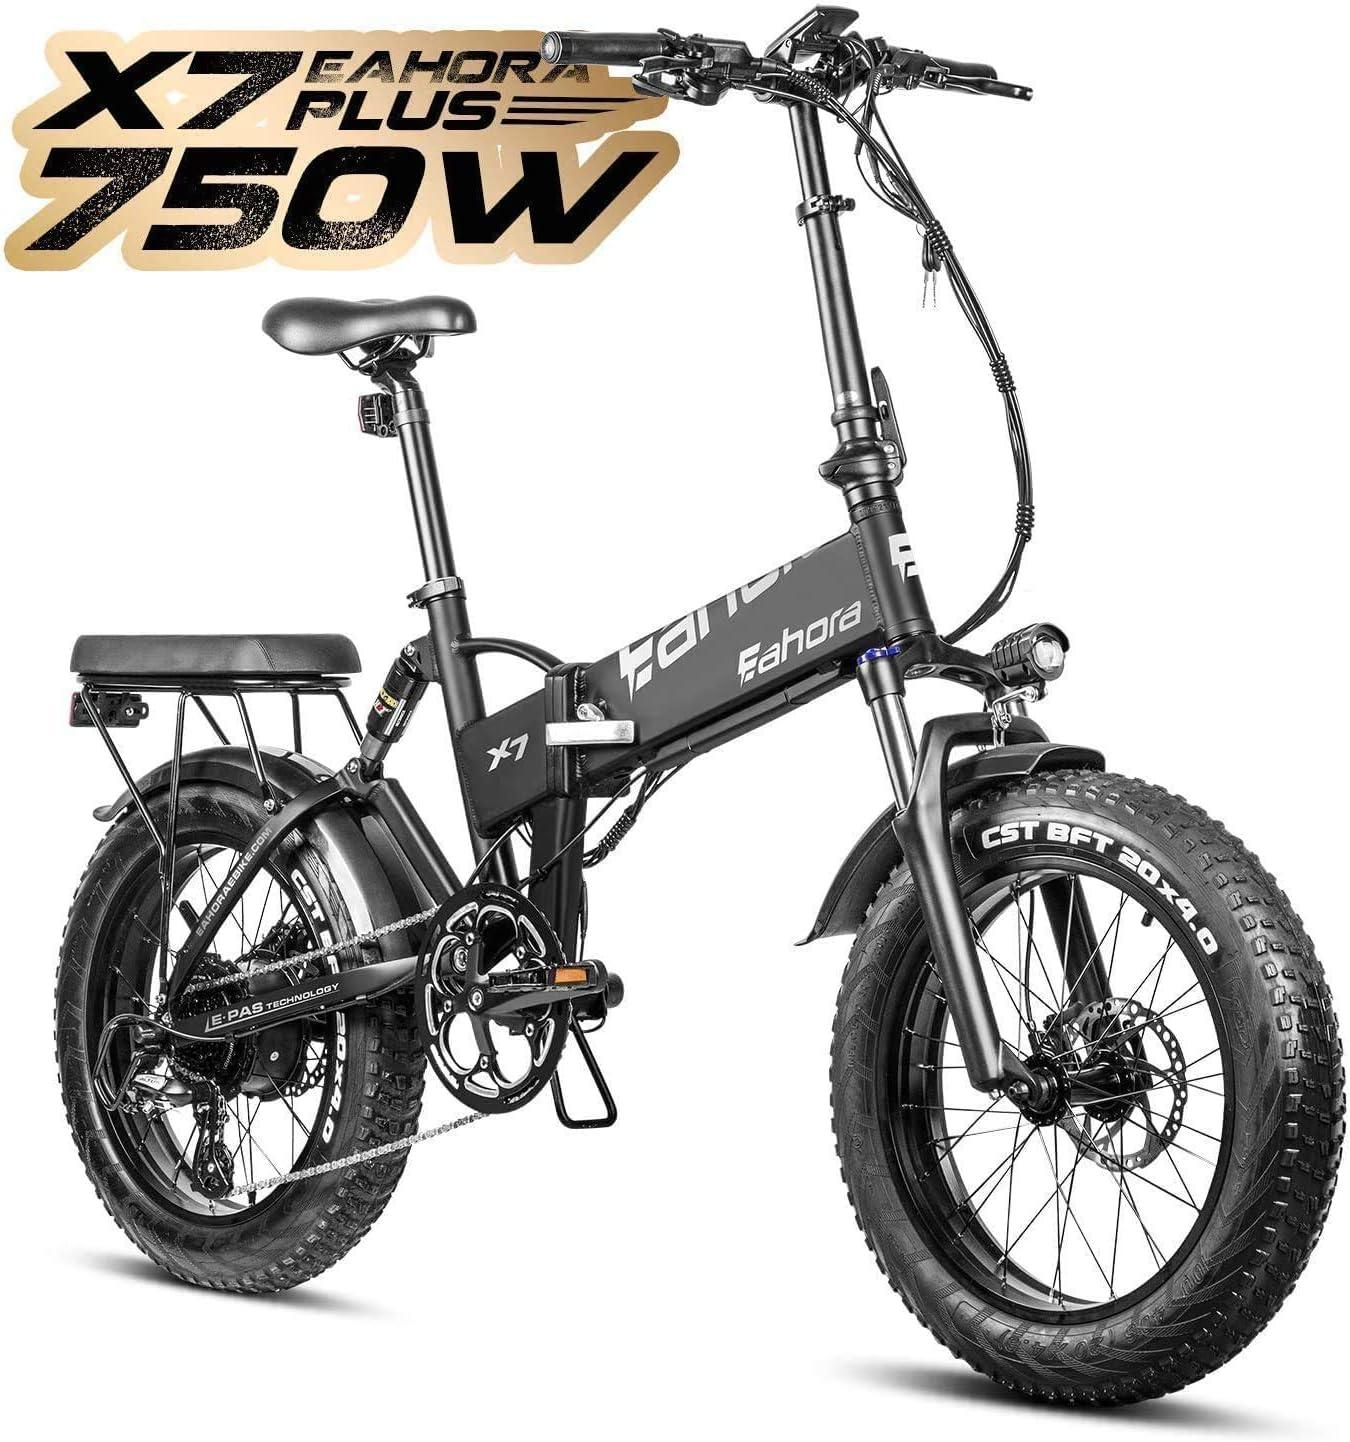 eAhora X7 Plus Folding Cruiser E-Bicycle